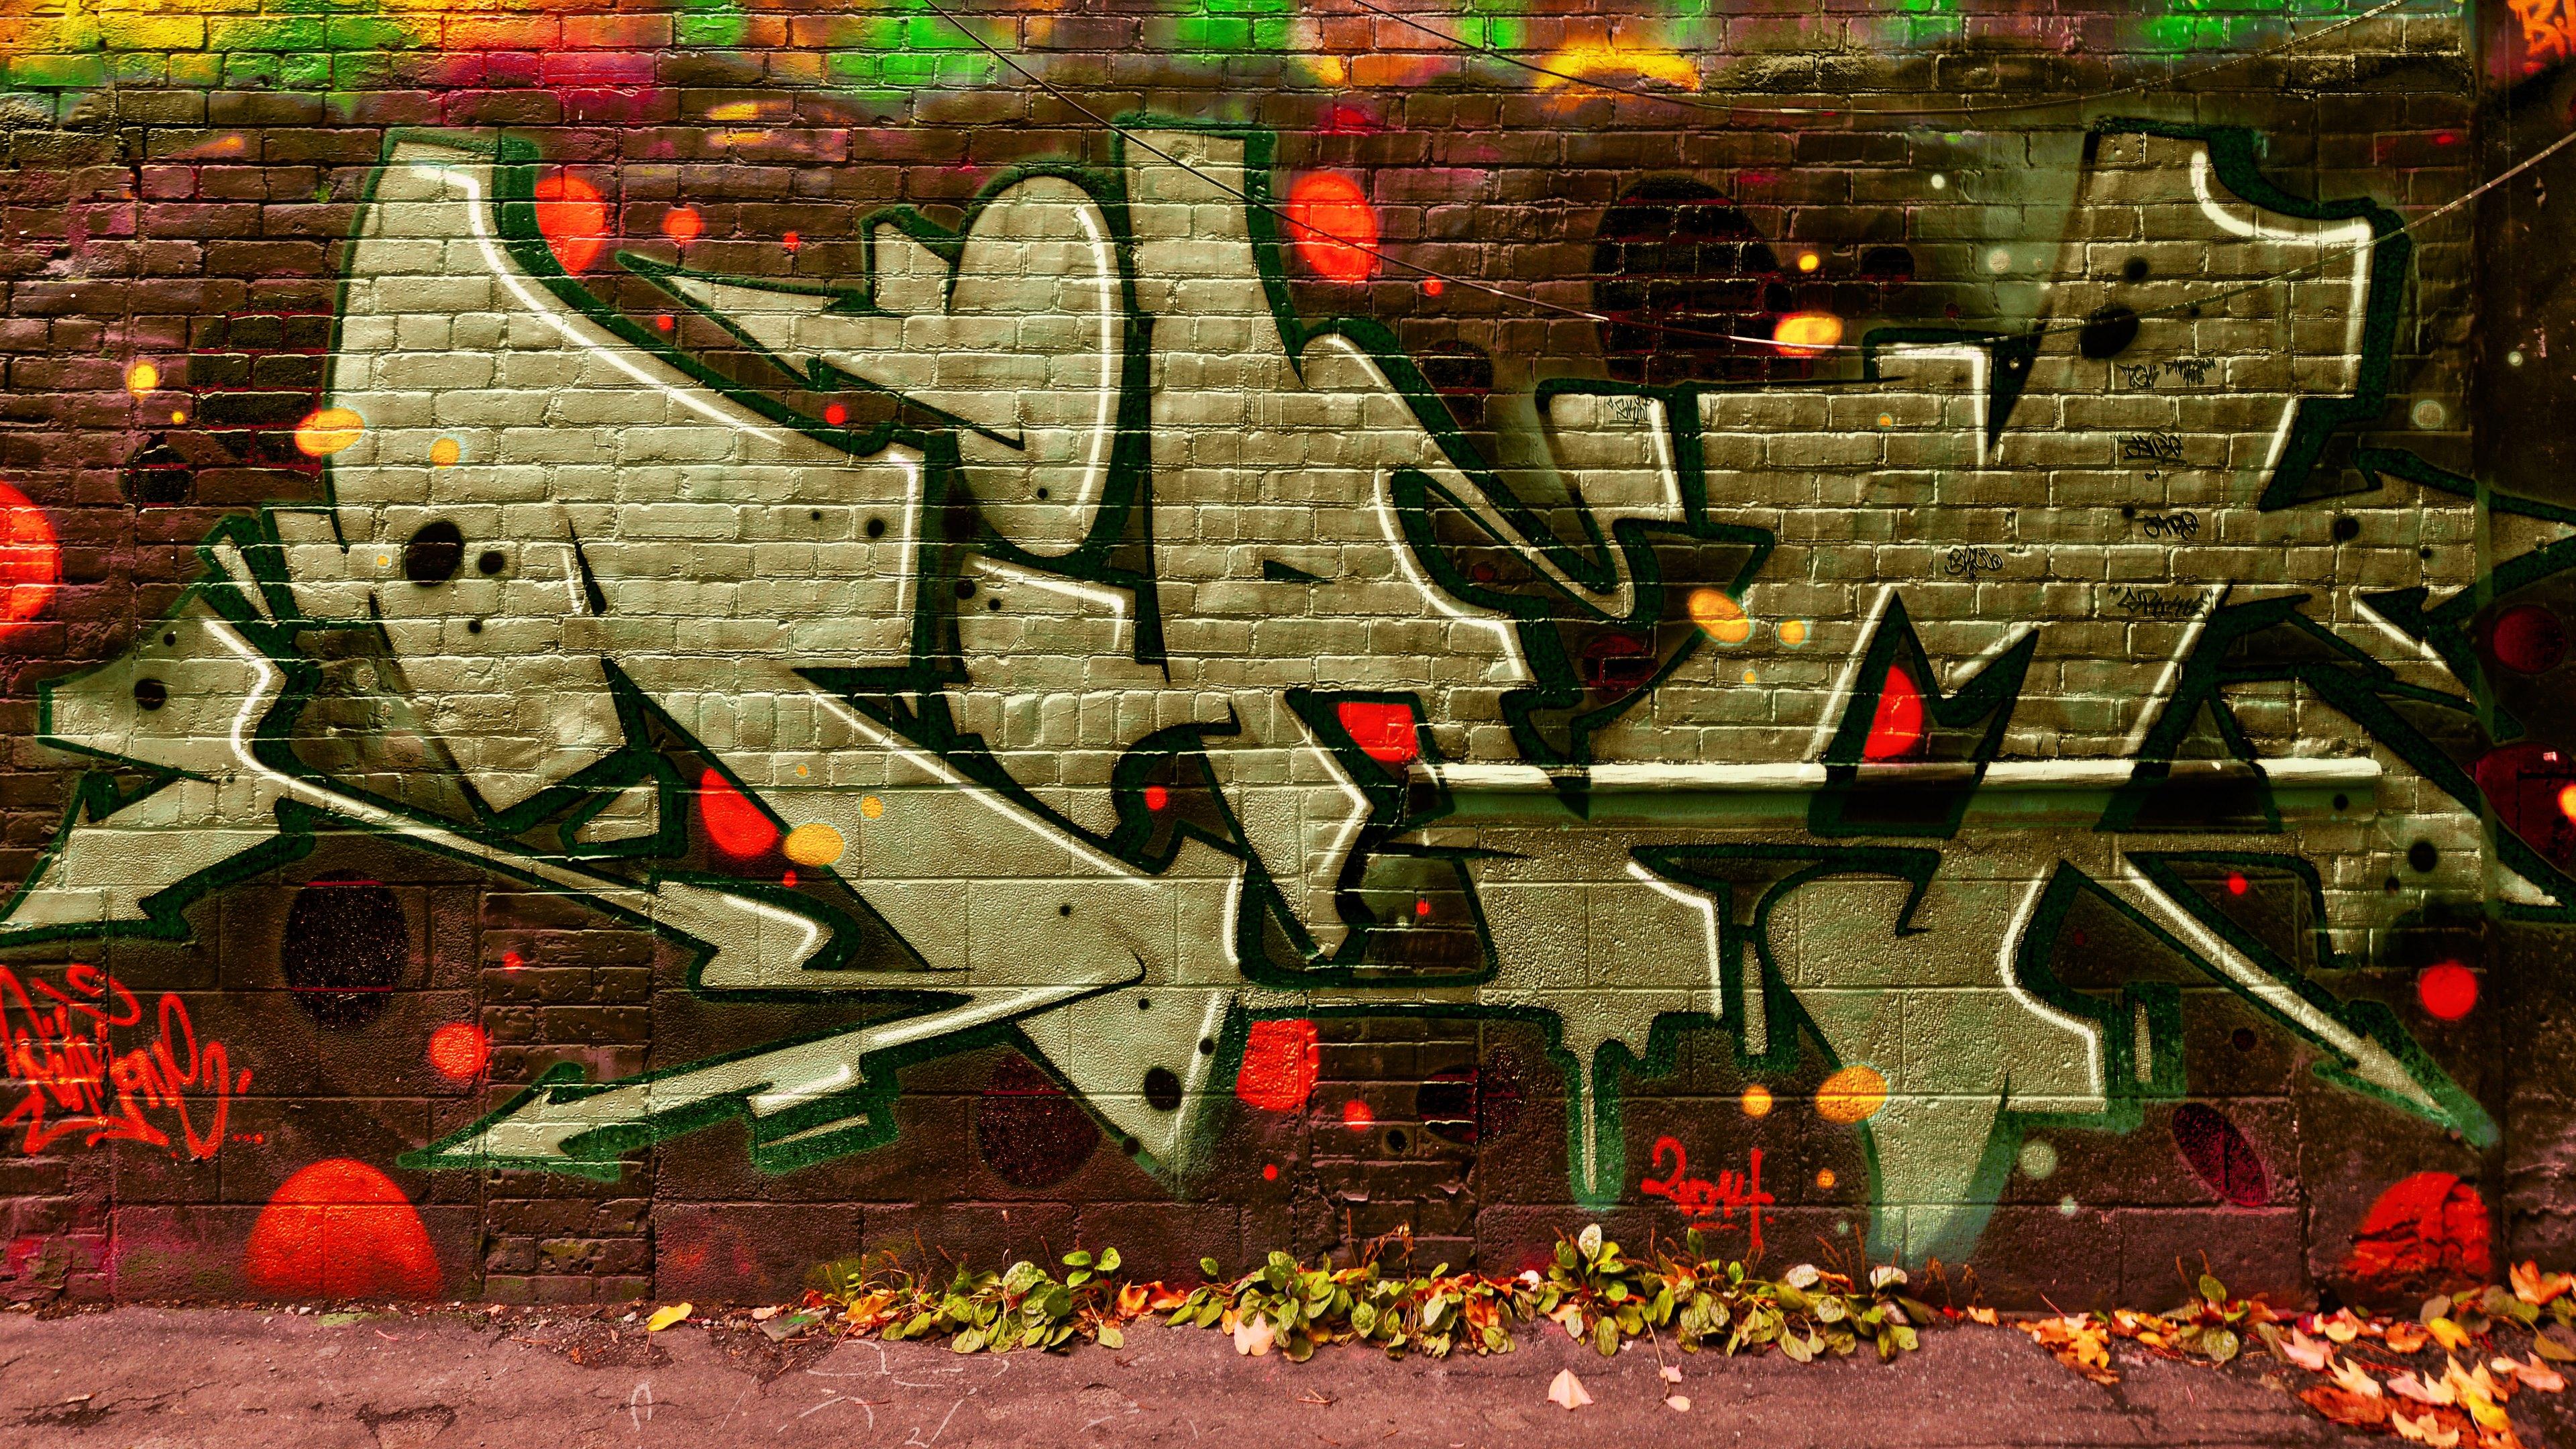 Graffiti wall wallpaper - Wallpaper Graffiti Artwork